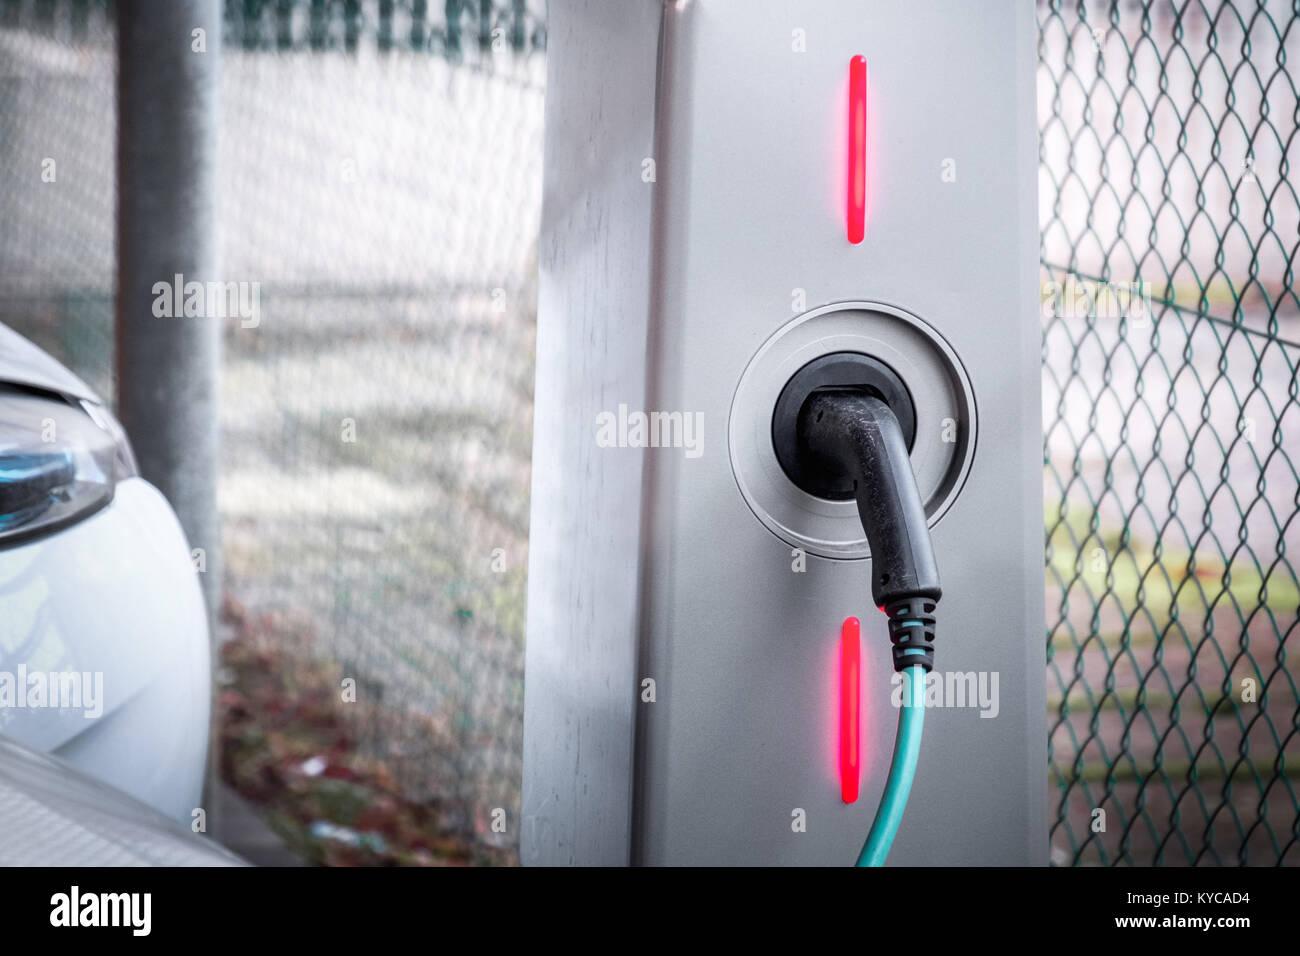 Ladestation elektrische Auto Motor ökologisch nachhaltigen Transport Stockbild